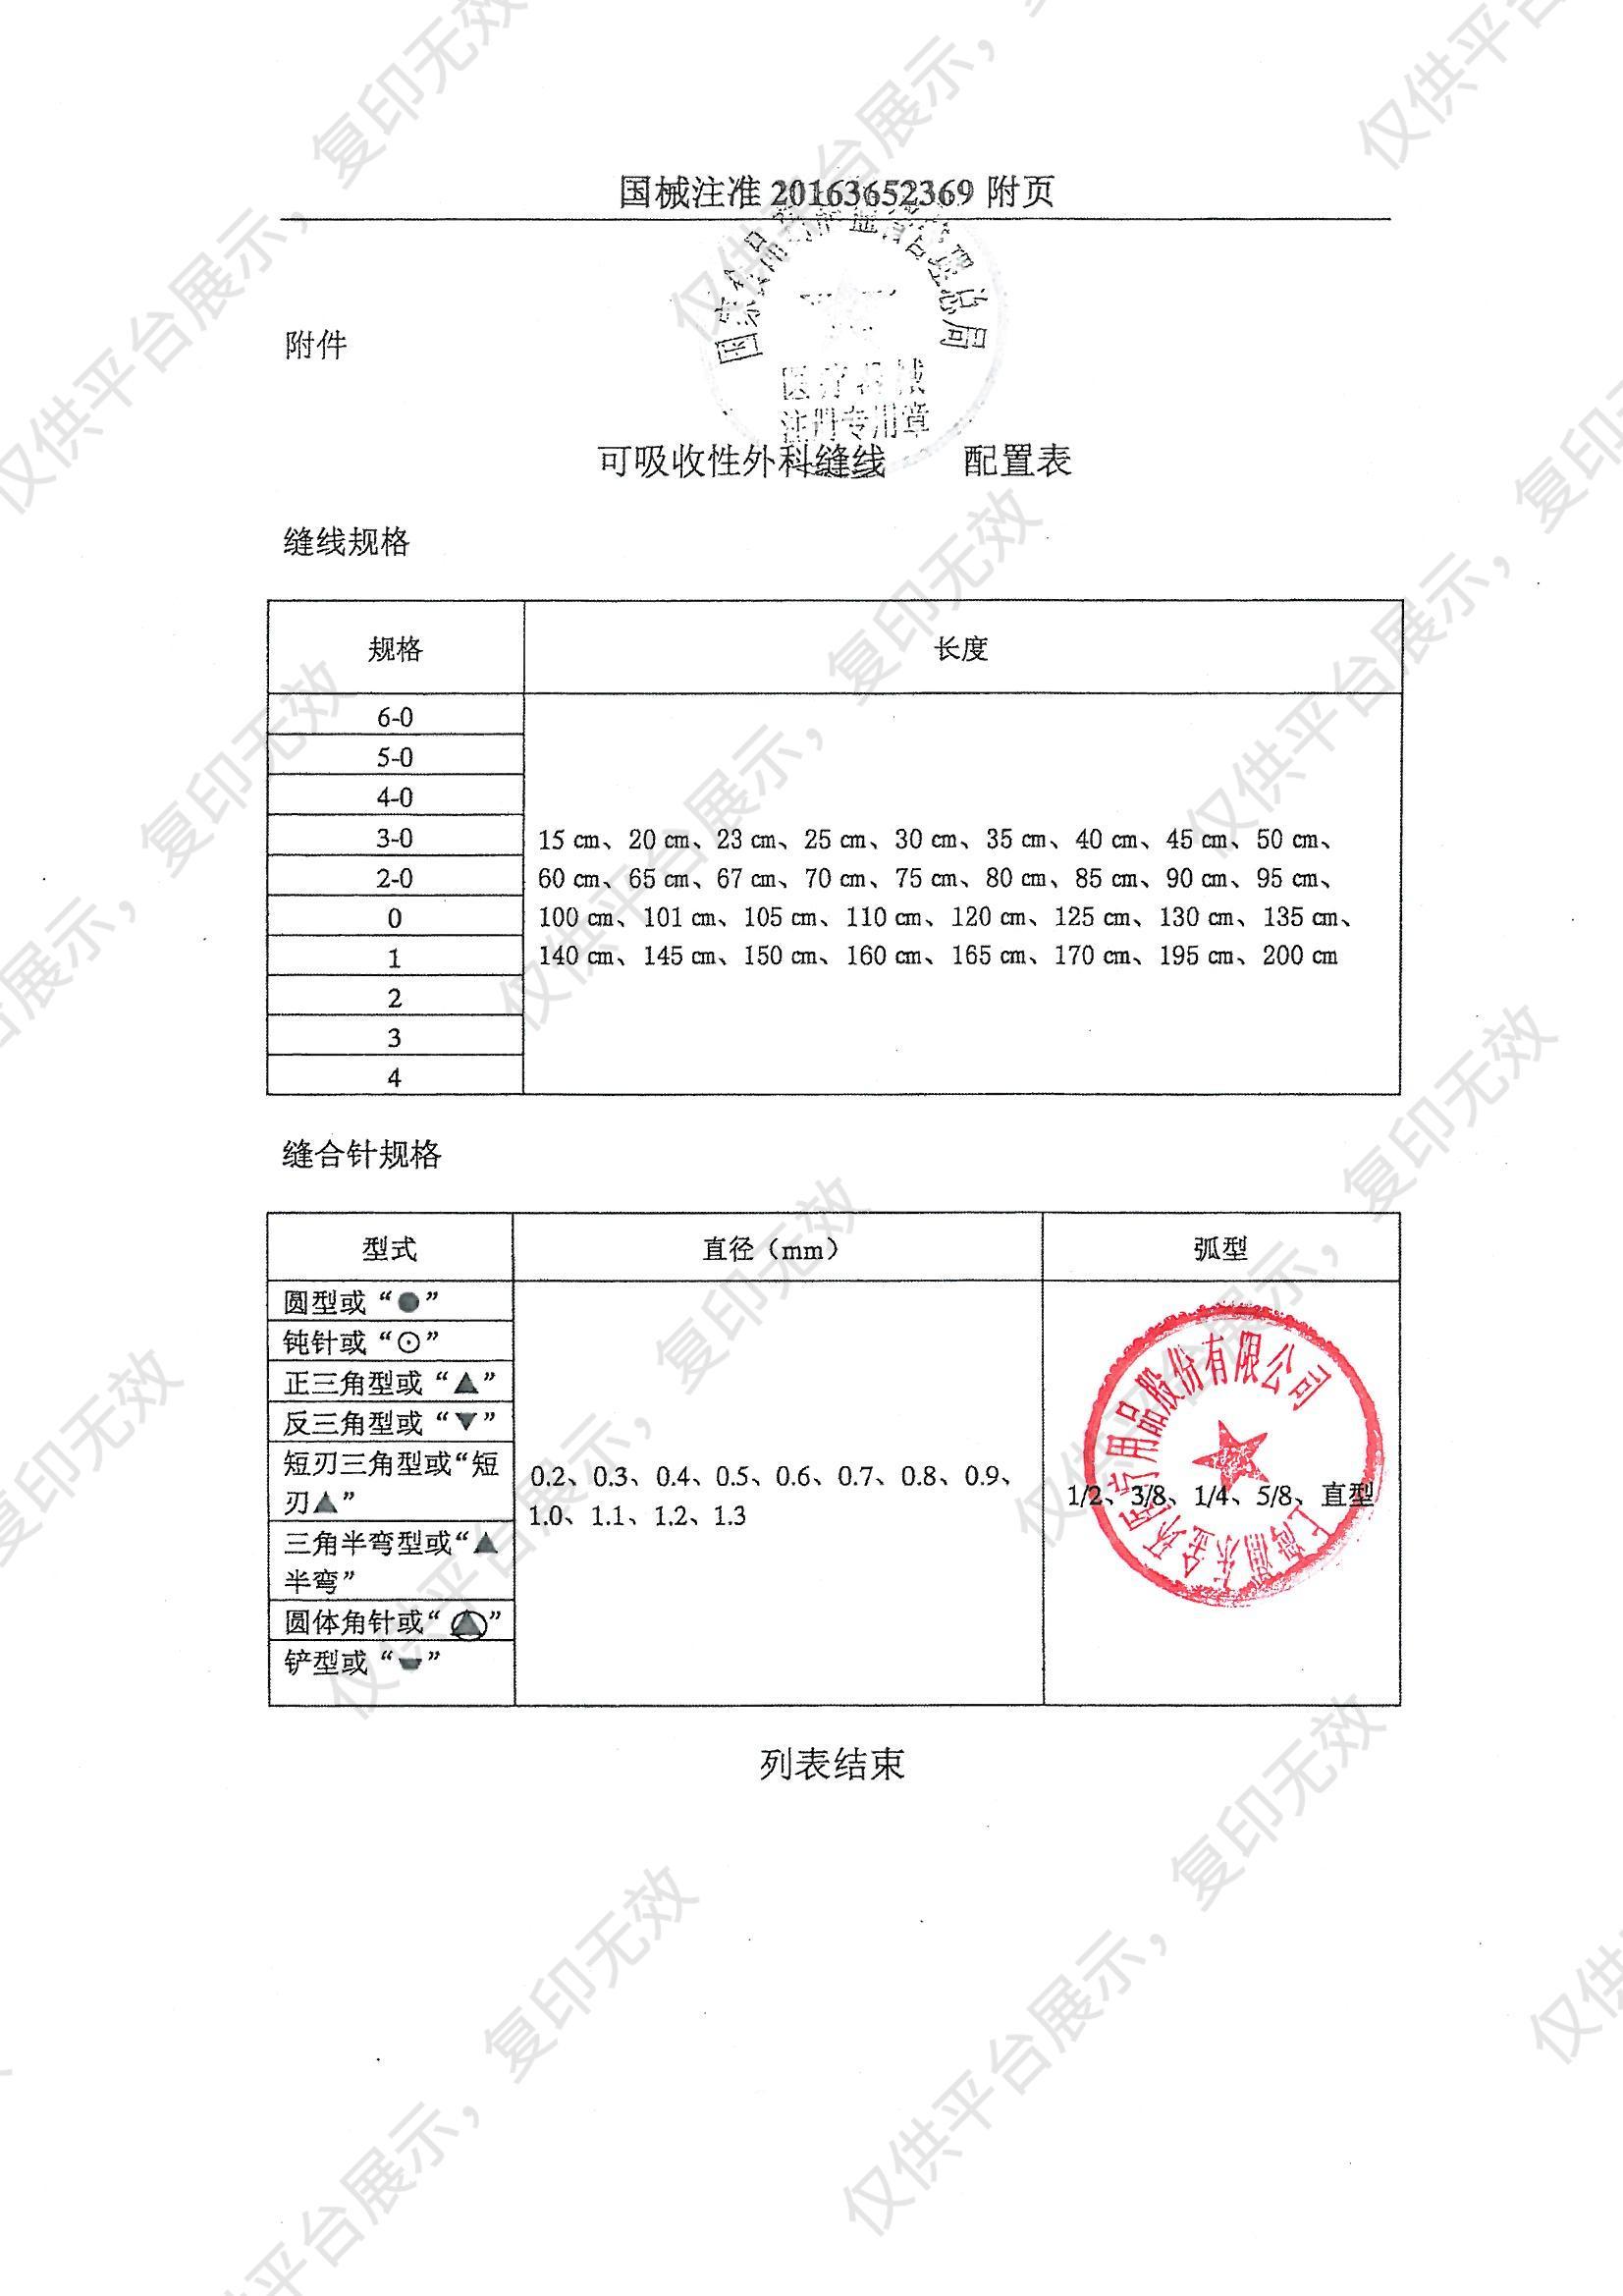 金环(Jinhuan) 可吸收性外科缝线 4-0 7*17 盒装 (12包)注册证